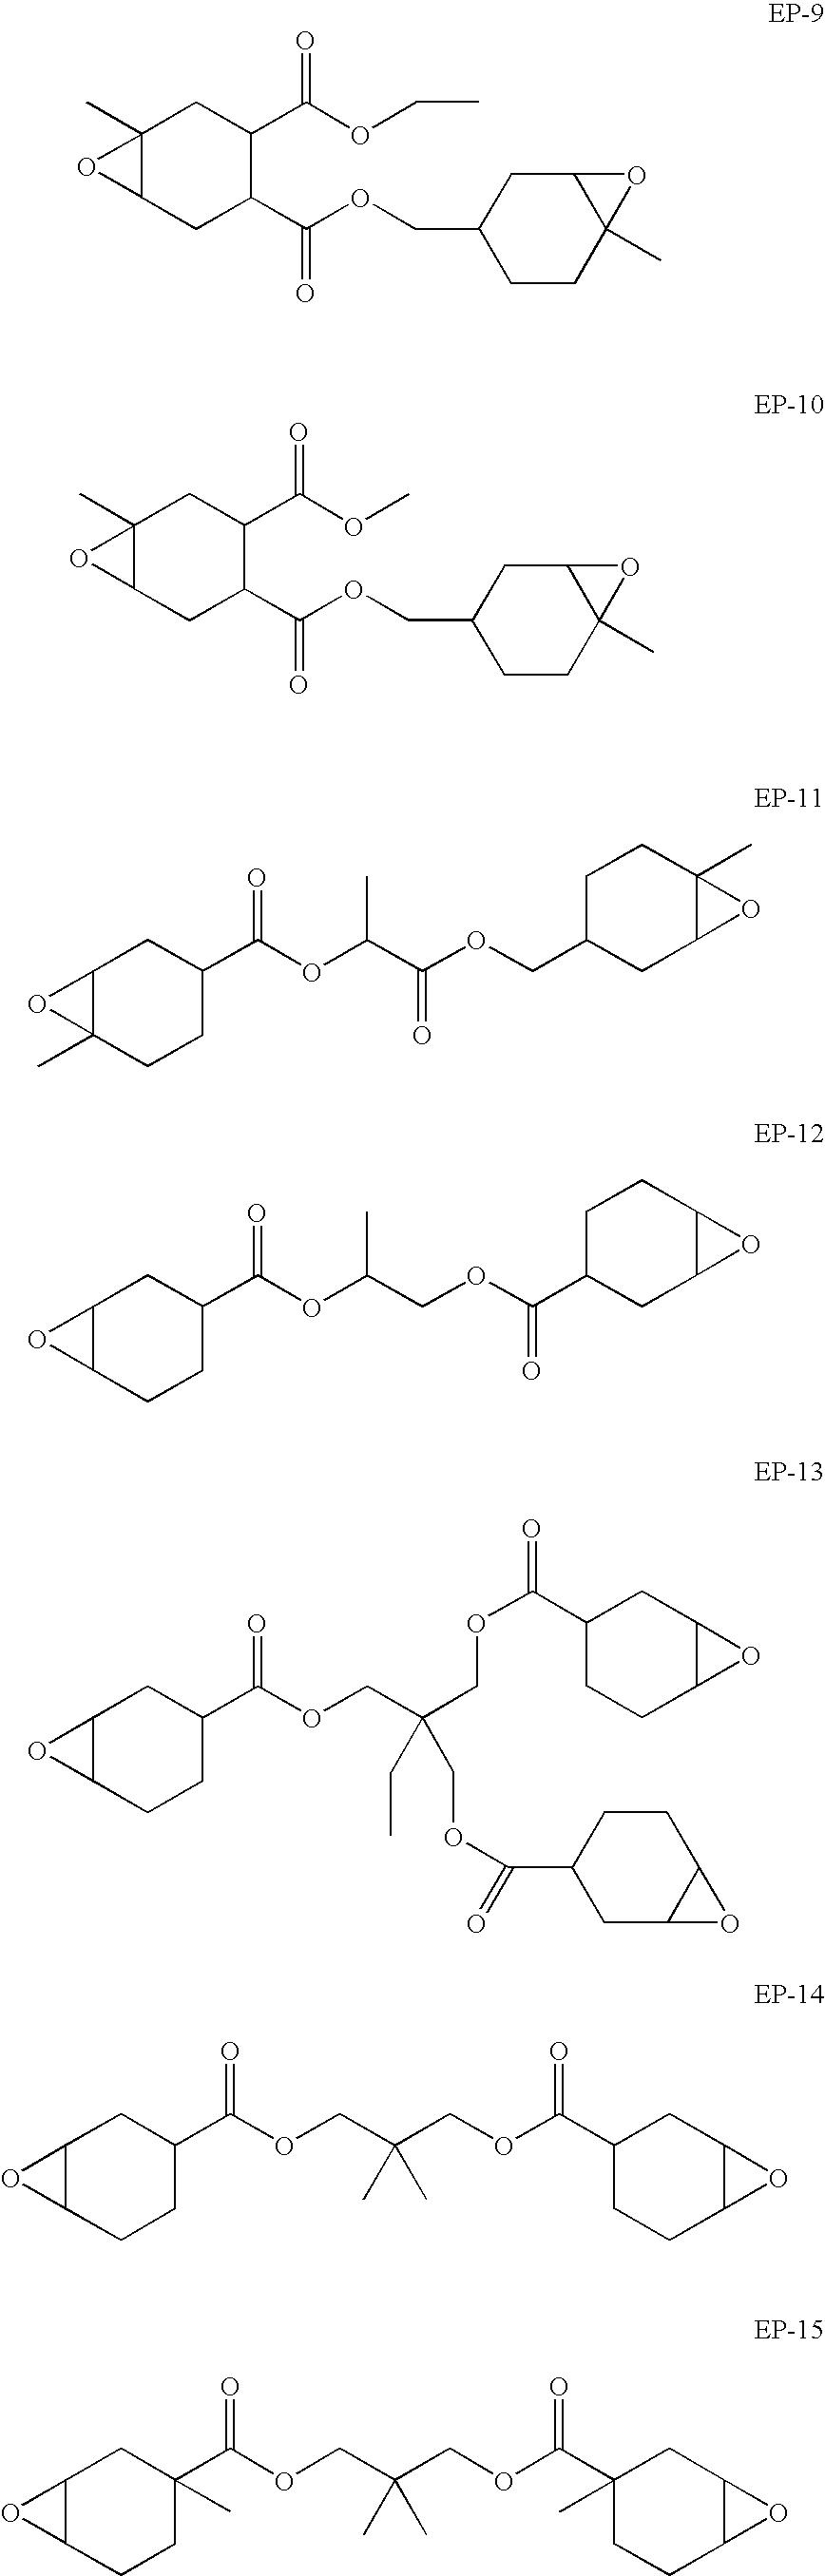 Figure US07473718-20090106-C00011